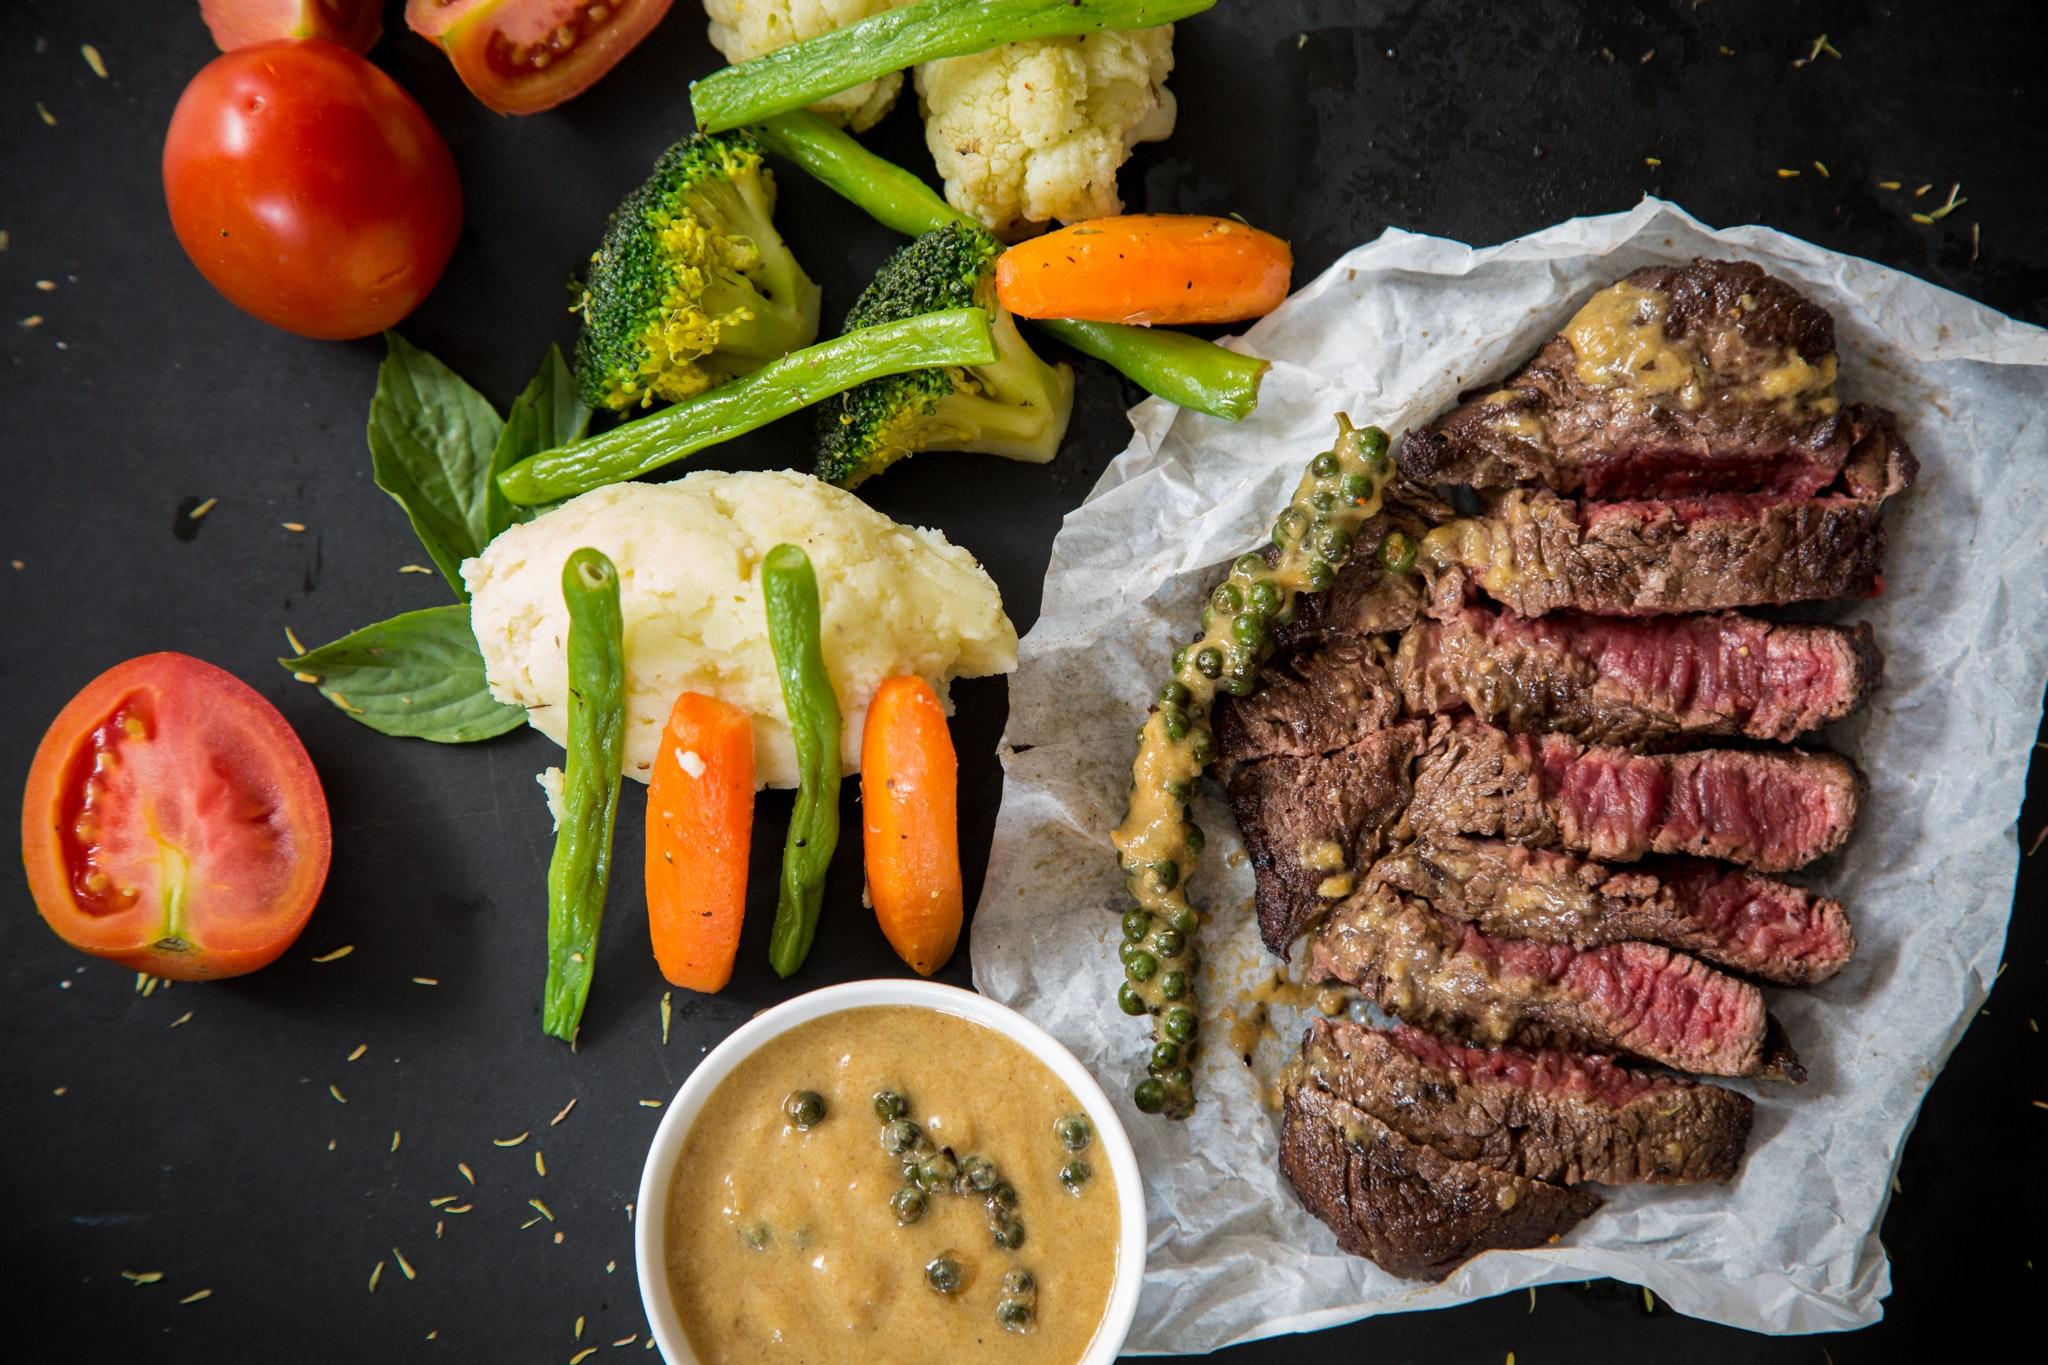 Broccoli Beef with Mixed Veggies